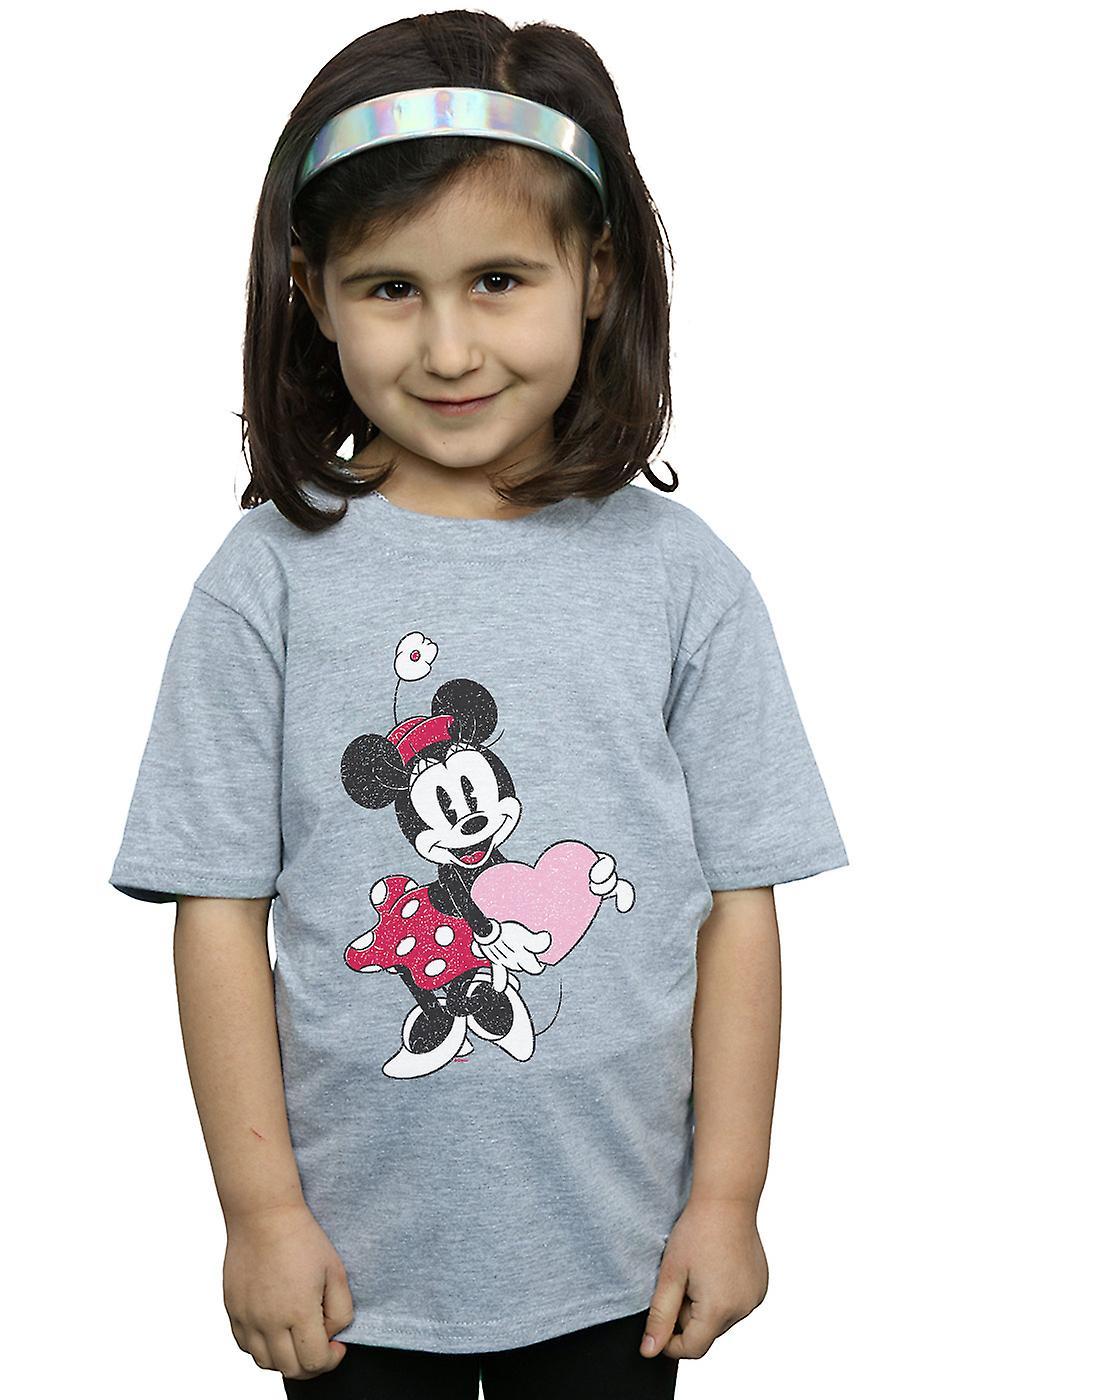 Disney Girls Minnie Mouse Love Heart T-Shirt